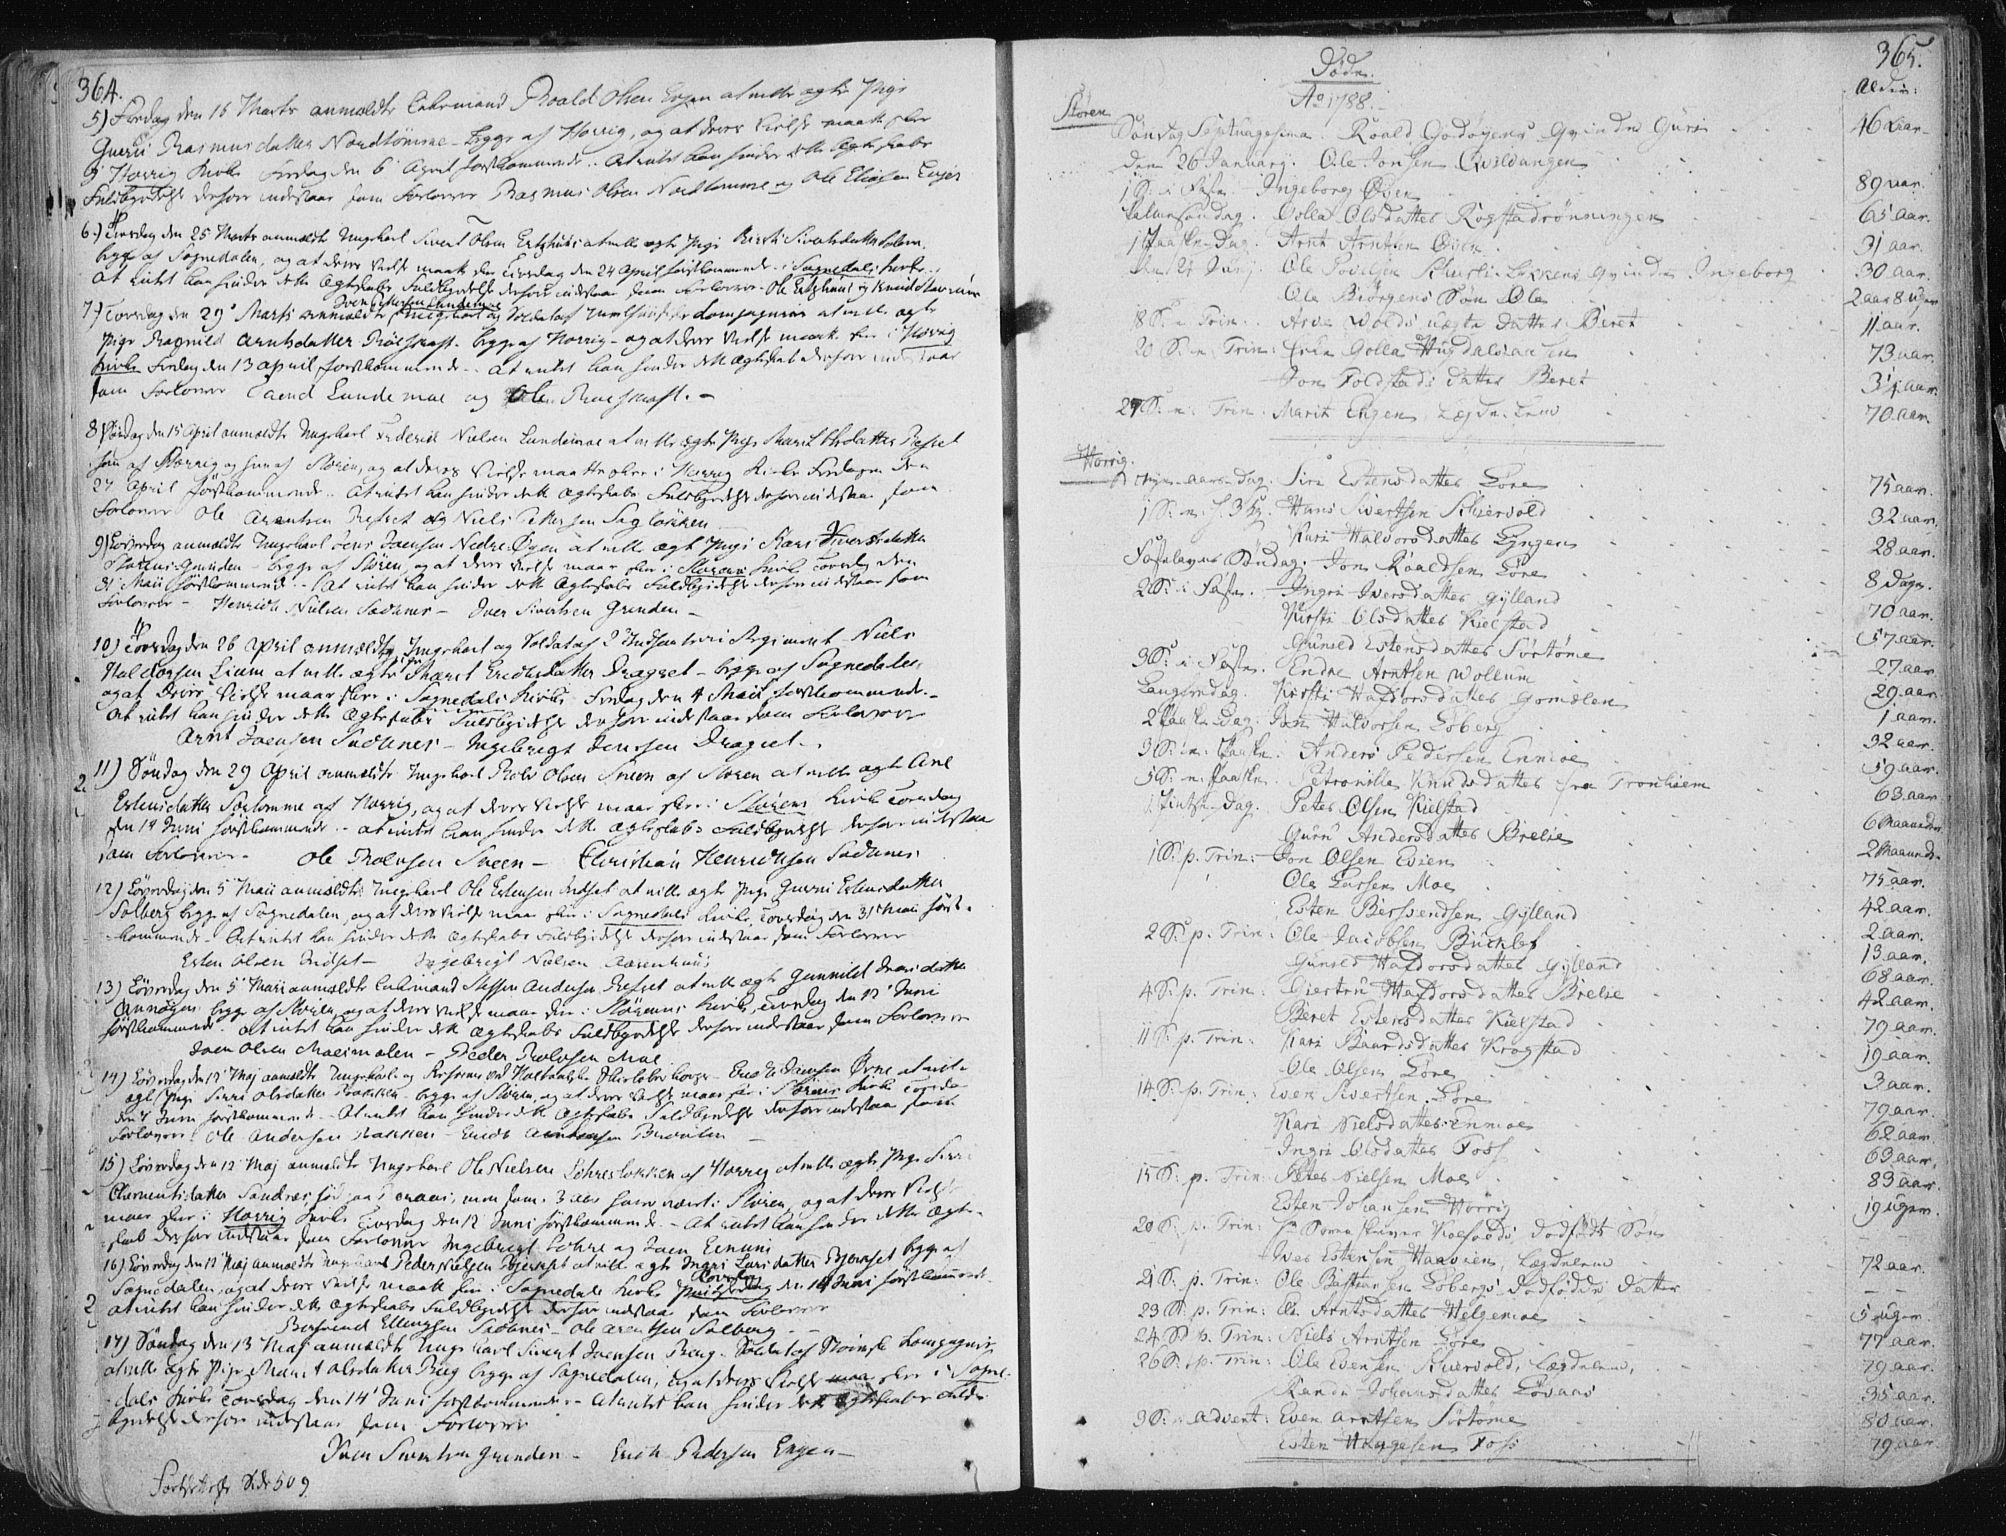 SAT, Ministerialprotokoller, klokkerbøker og fødselsregistre - Sør-Trøndelag, 687/L0992: Ministerialbok nr. 687A03 /1, 1788-1815, s. 364-365